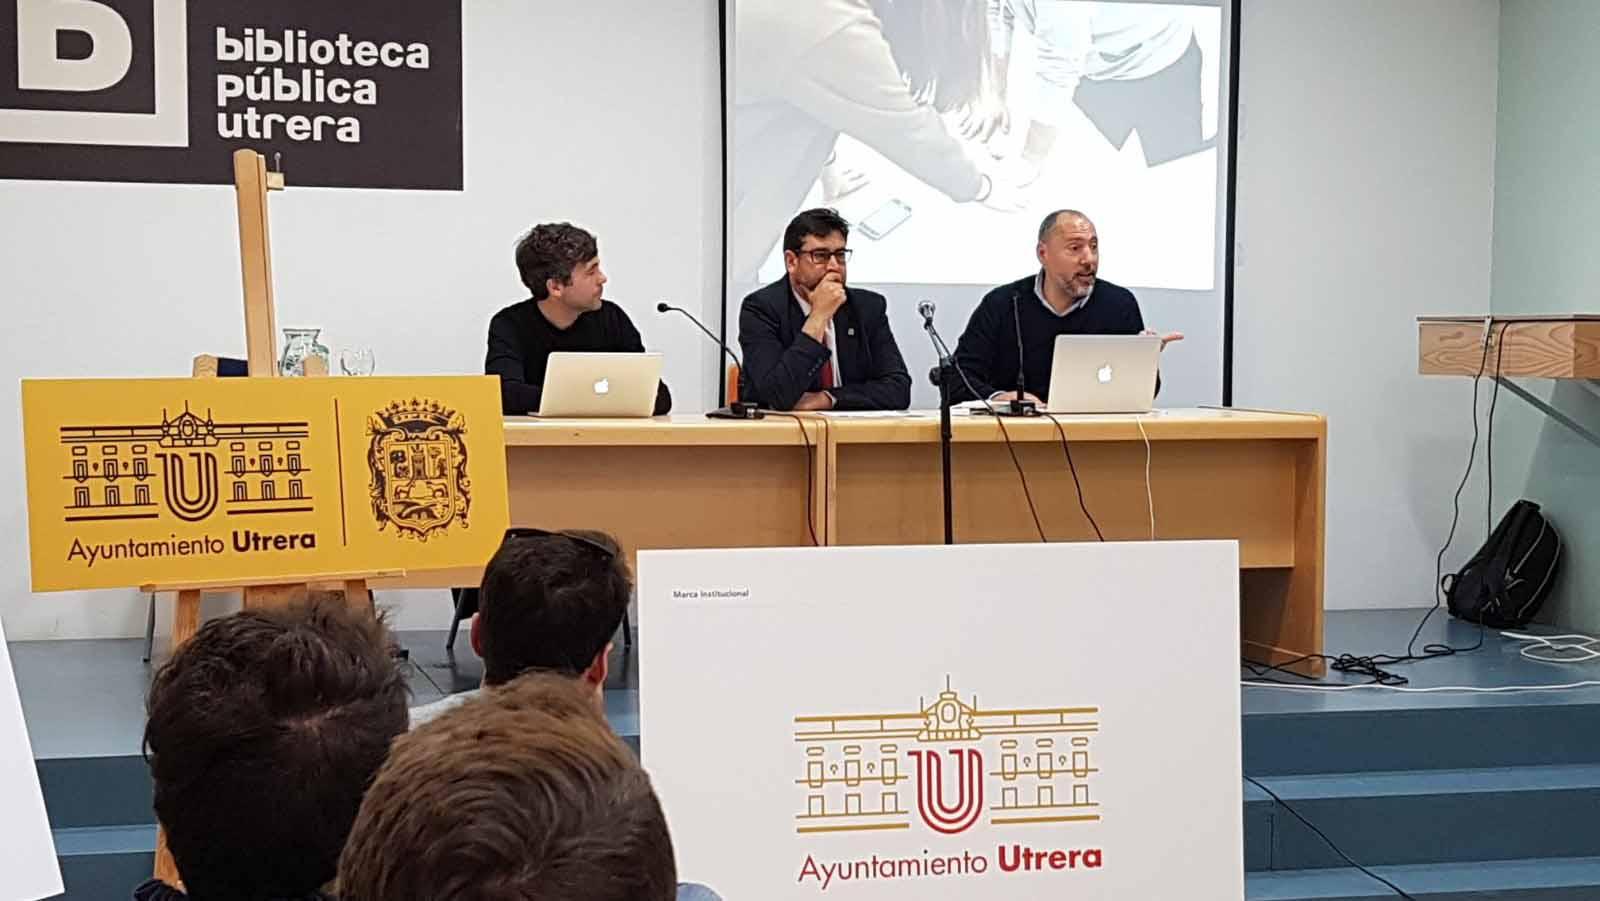 La presentación de la nueva identidad corporativa del Ayuntamiento de Utrera